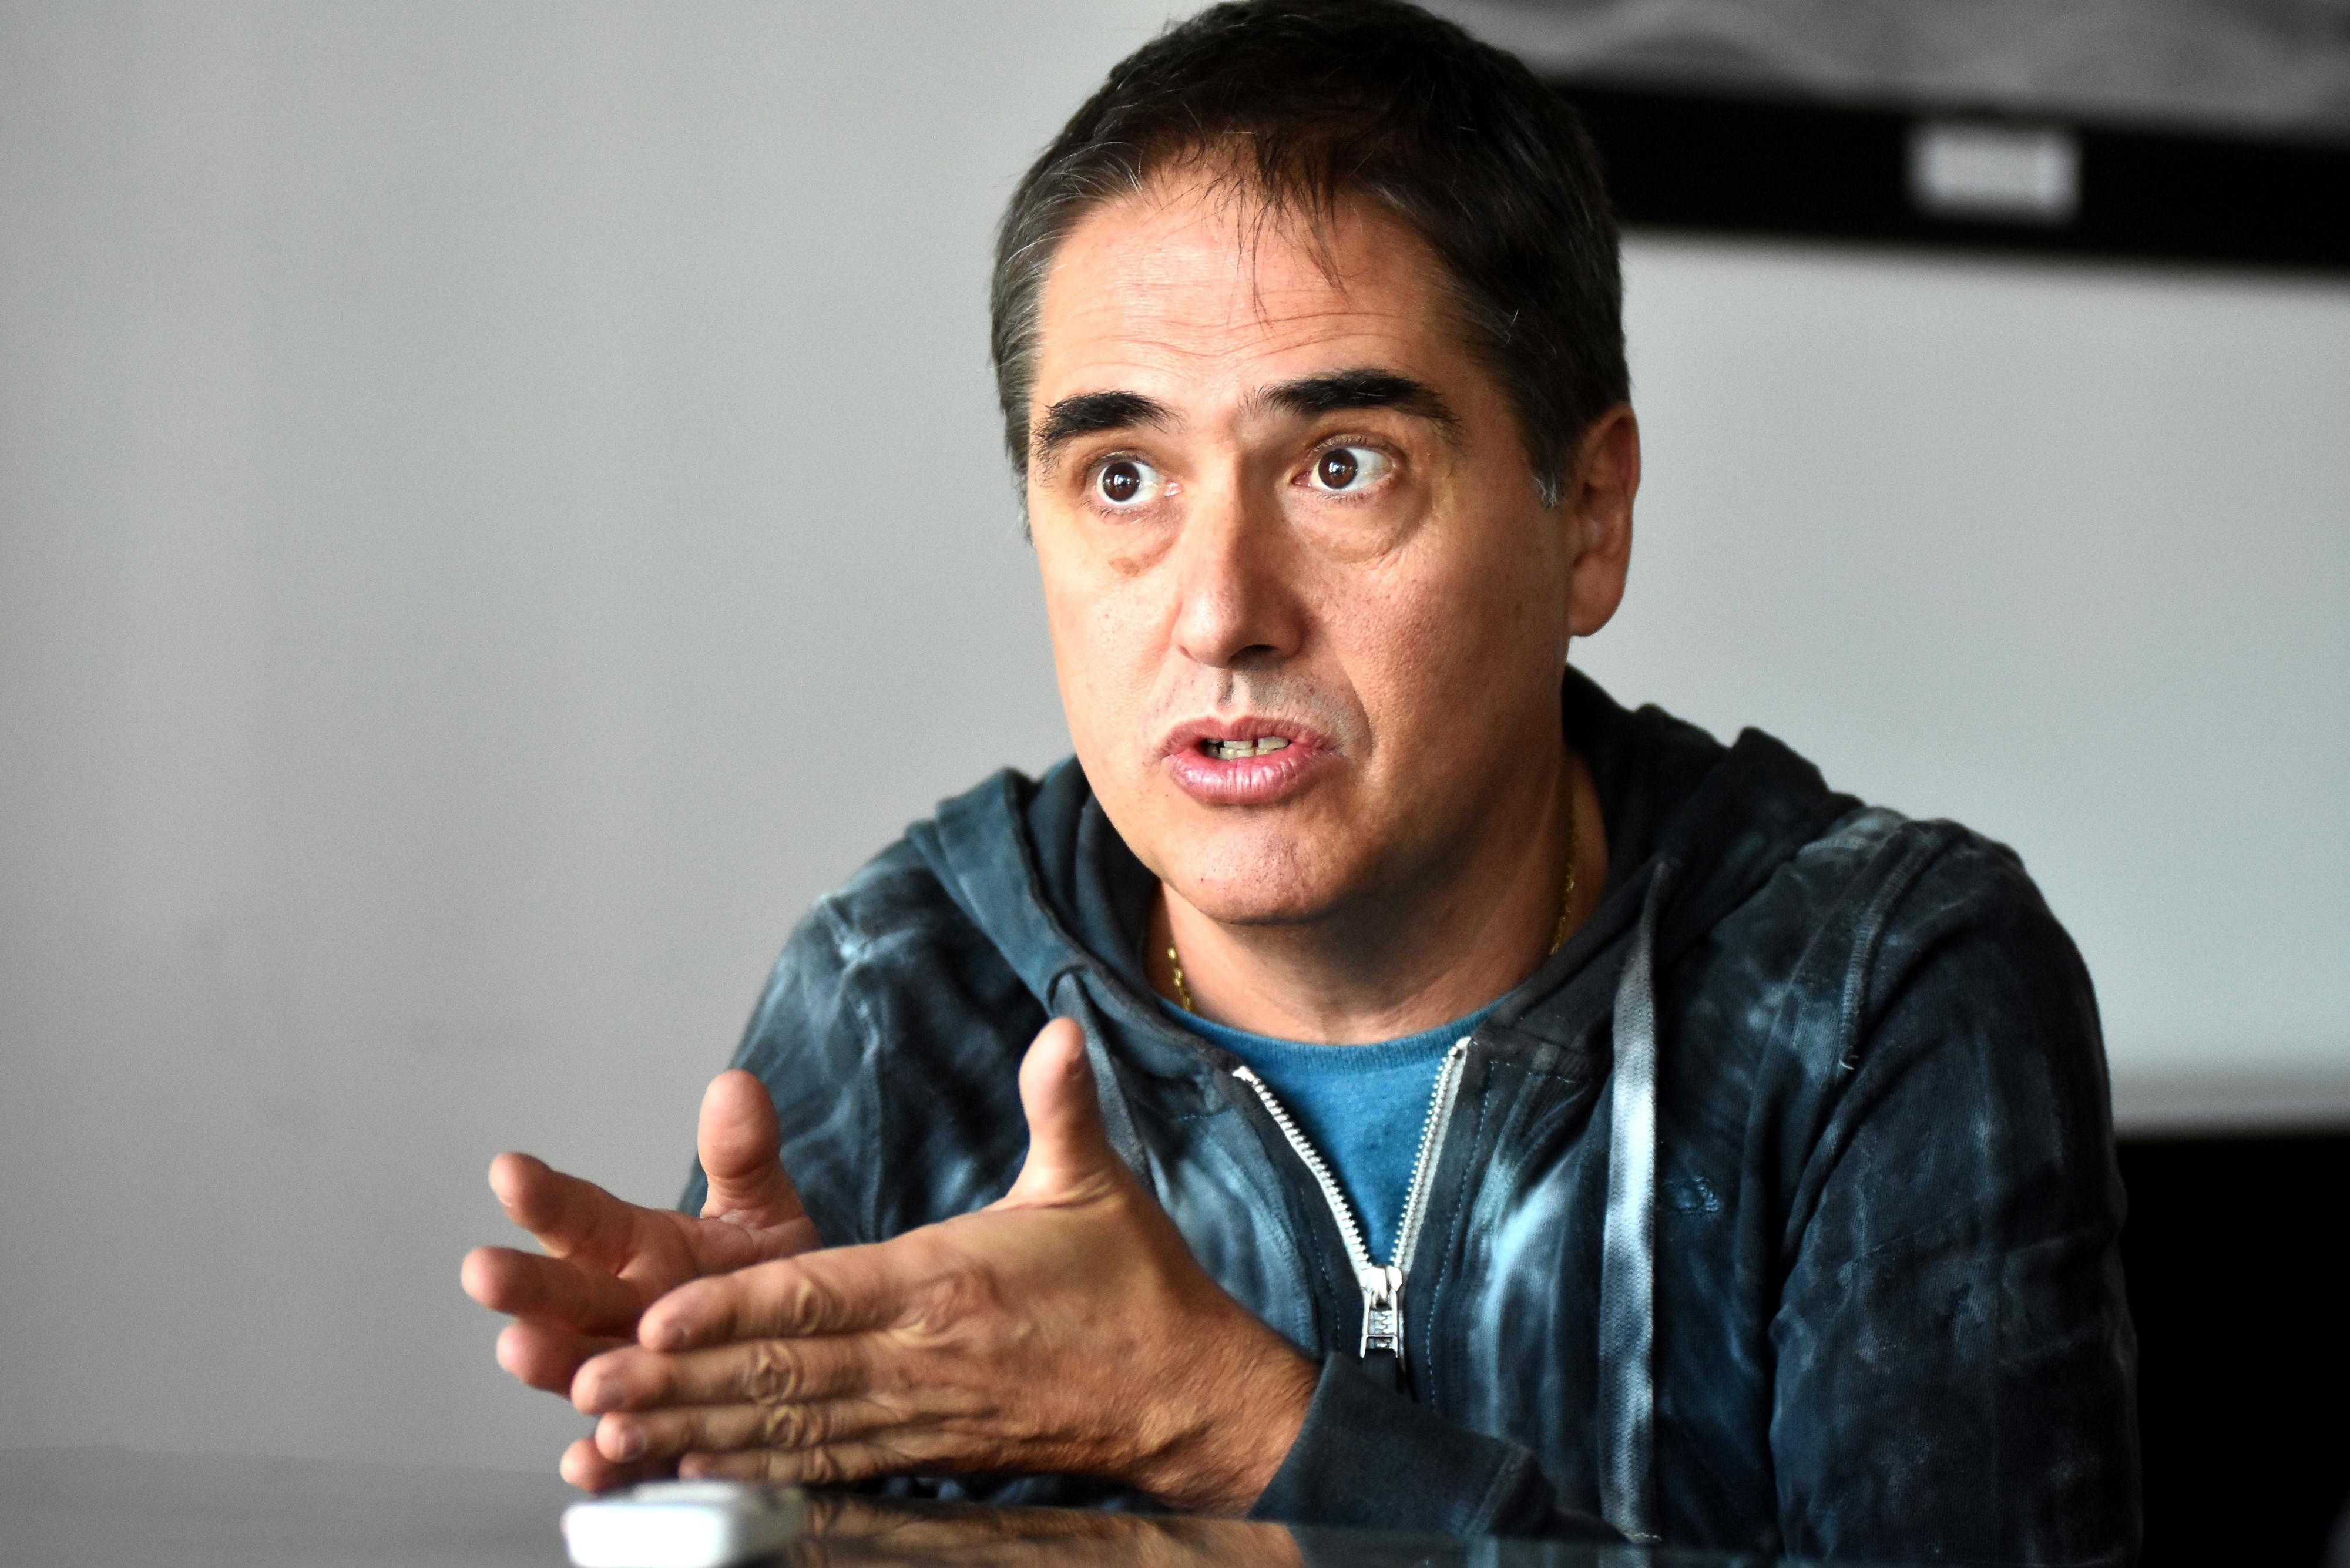 """Lorenzino: """"Tenemos un Estado ausente que no defiende a los más desprotegidos"""""""